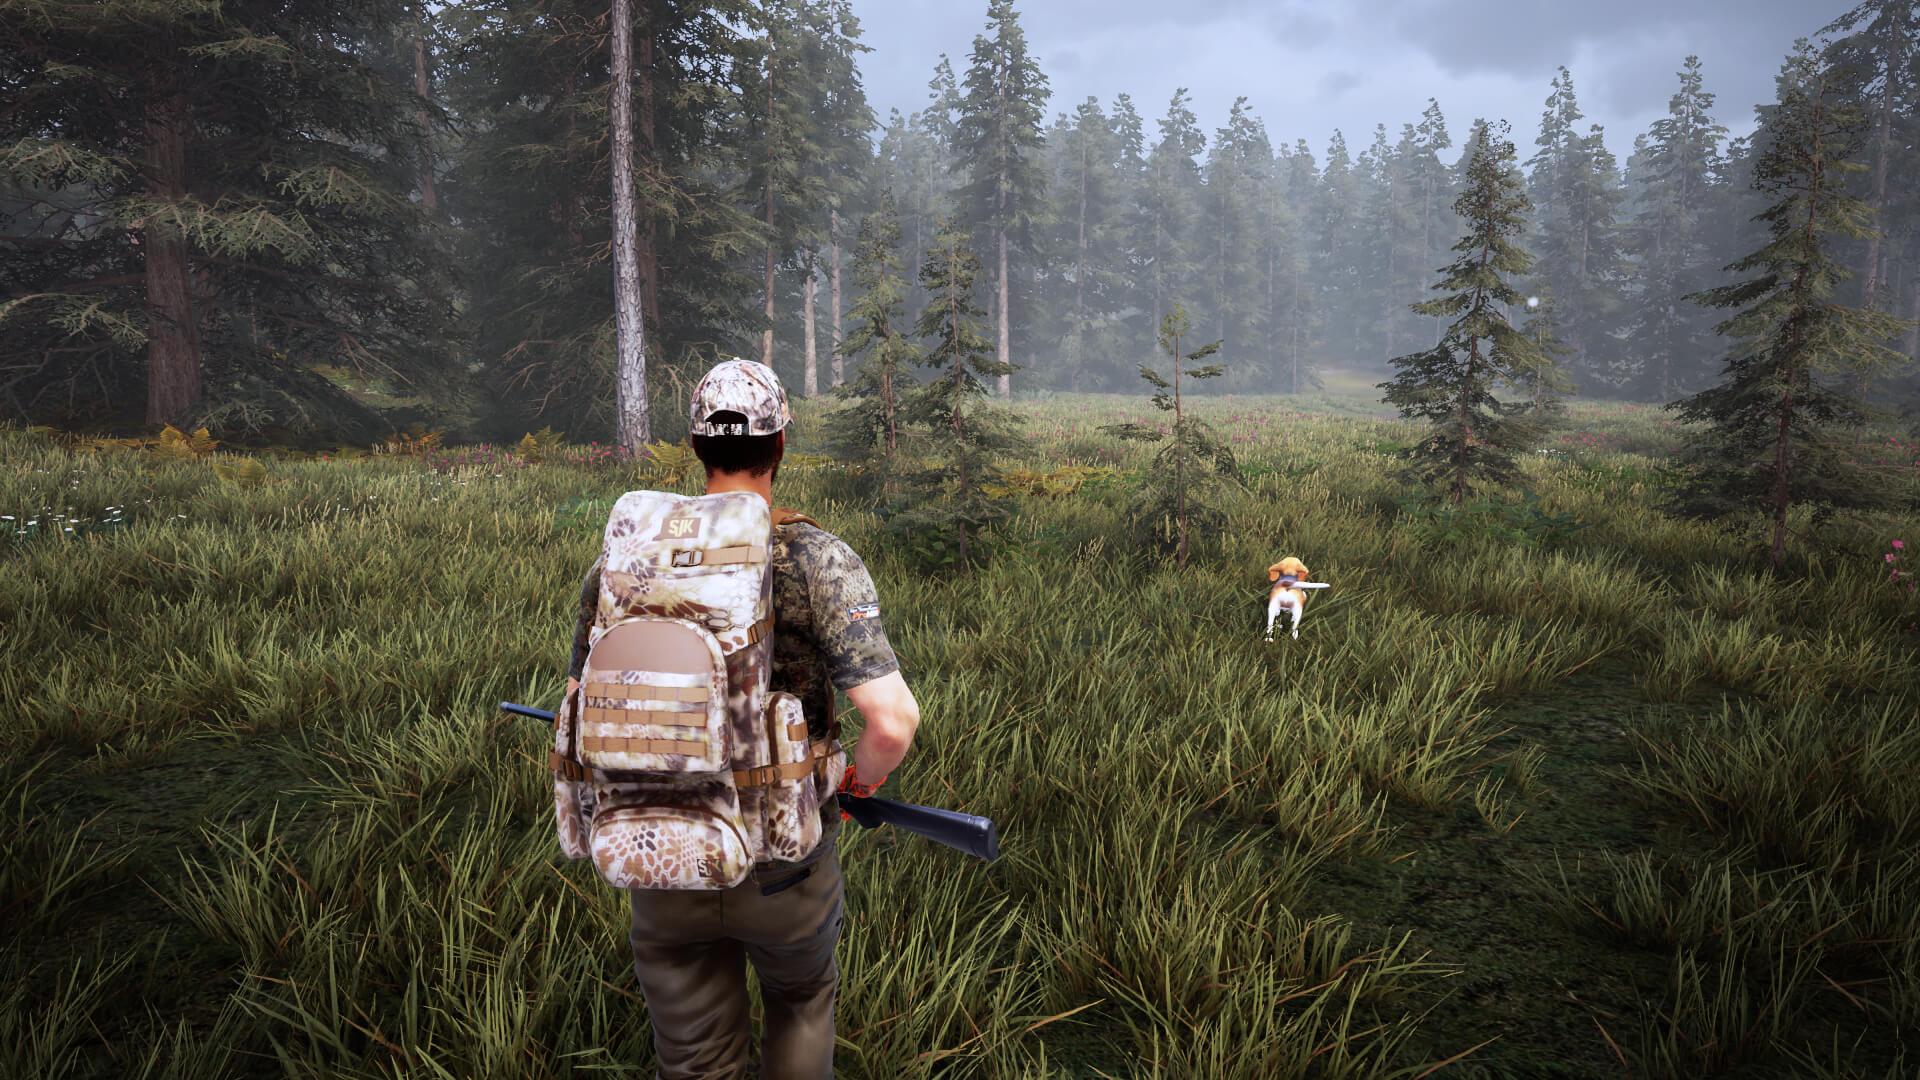 hunting simulator 2 screenshot wallpaper 74043